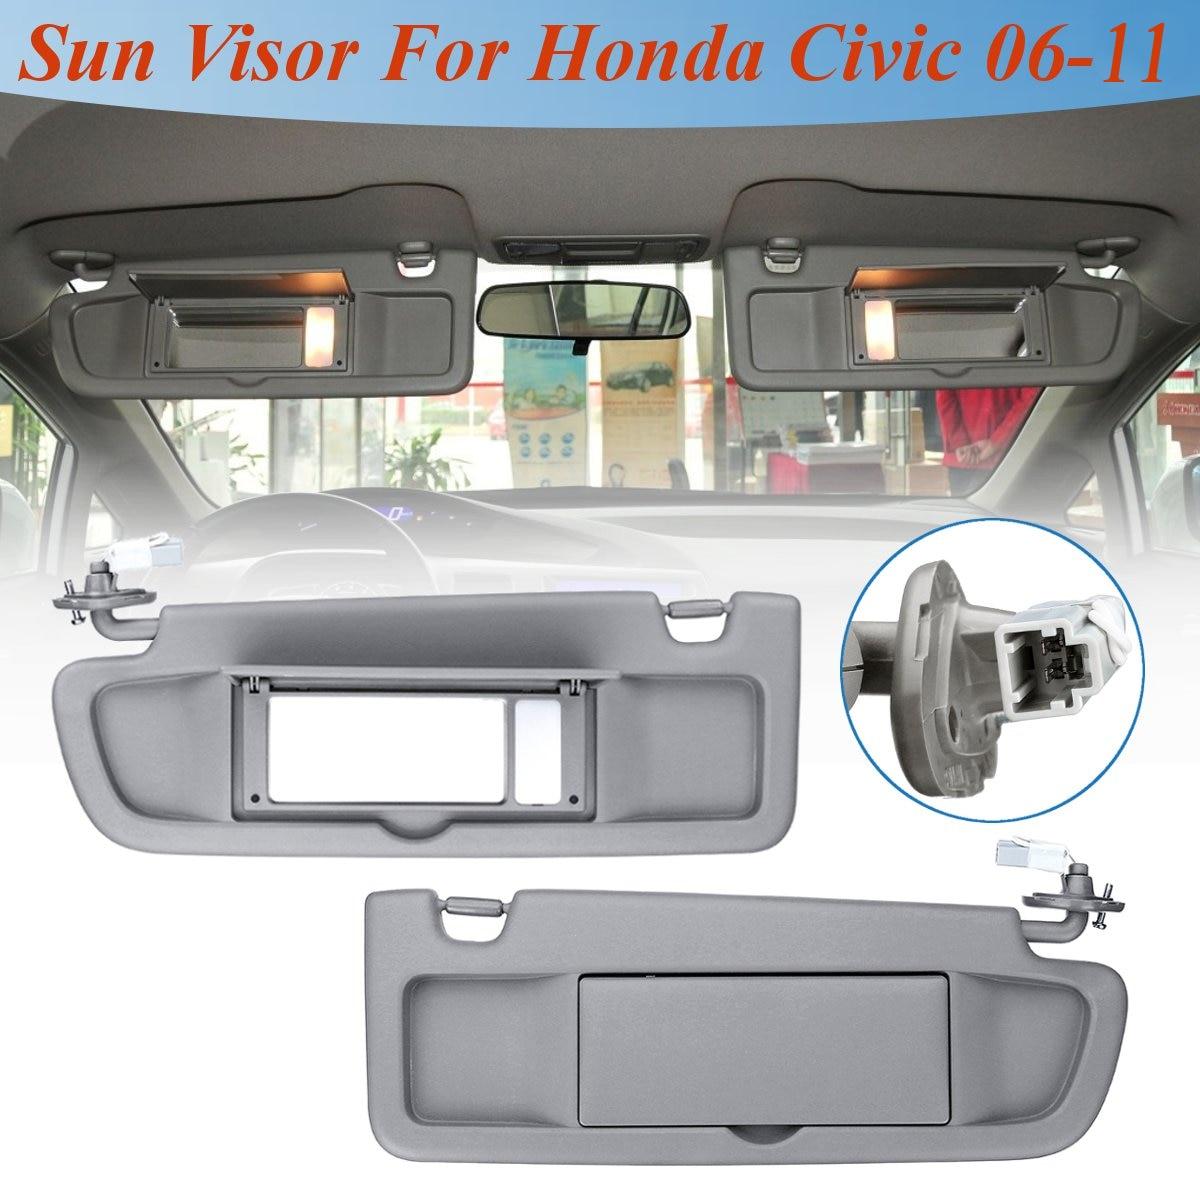 Carro lhd sunvisor pára-sol 1 pçs protetor solar viseira antidazzle com estilo da lâmpada para honda civic para coupe sedan 2006 2007-2011